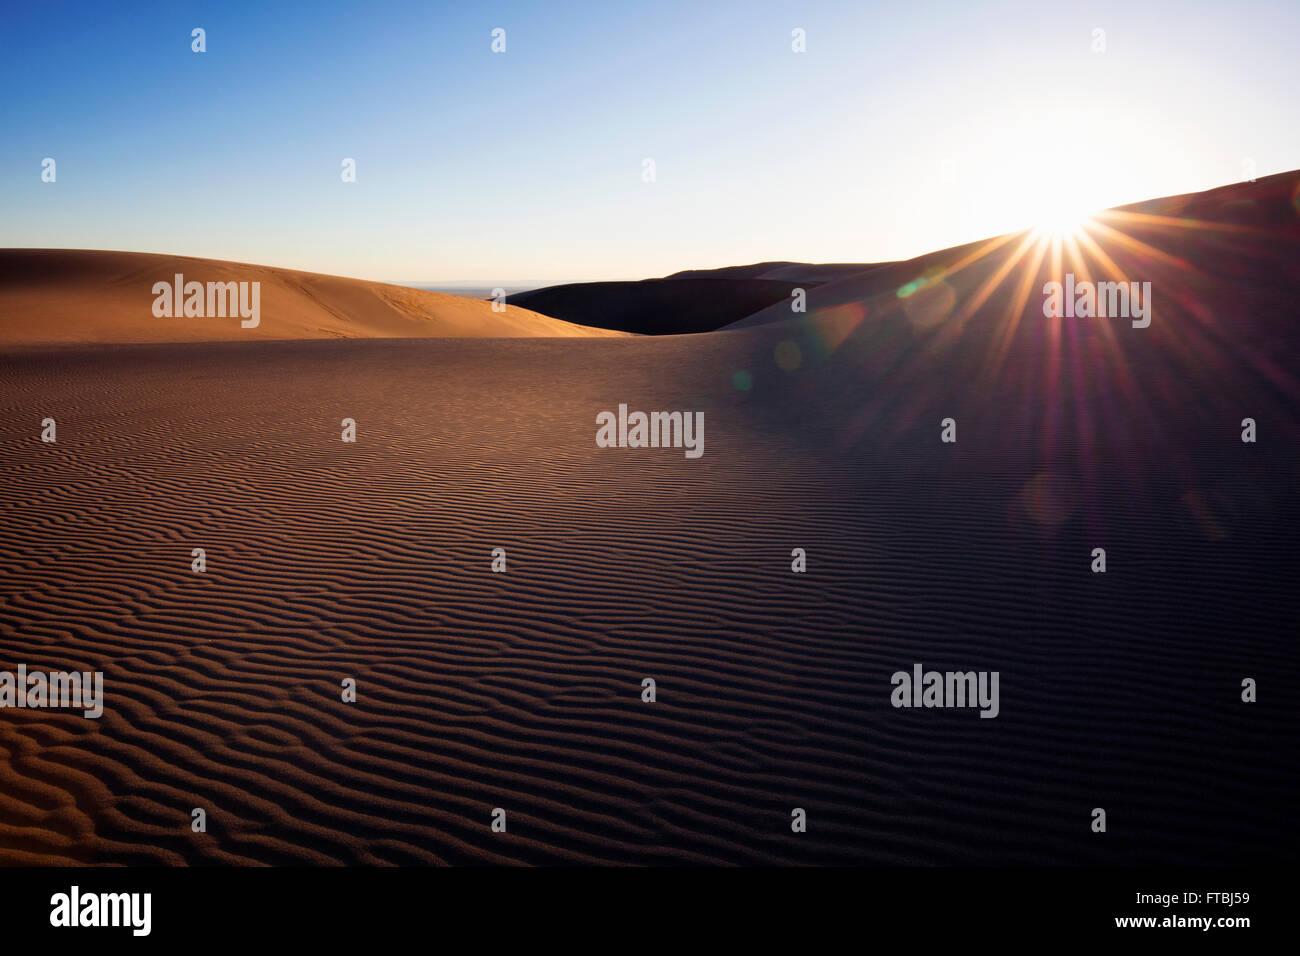 Pico de luz solar sobre una duna de arena en el desierto remoto. Gran Parque Nacional de las dunas de arena, Colorado, Imagen De Stock